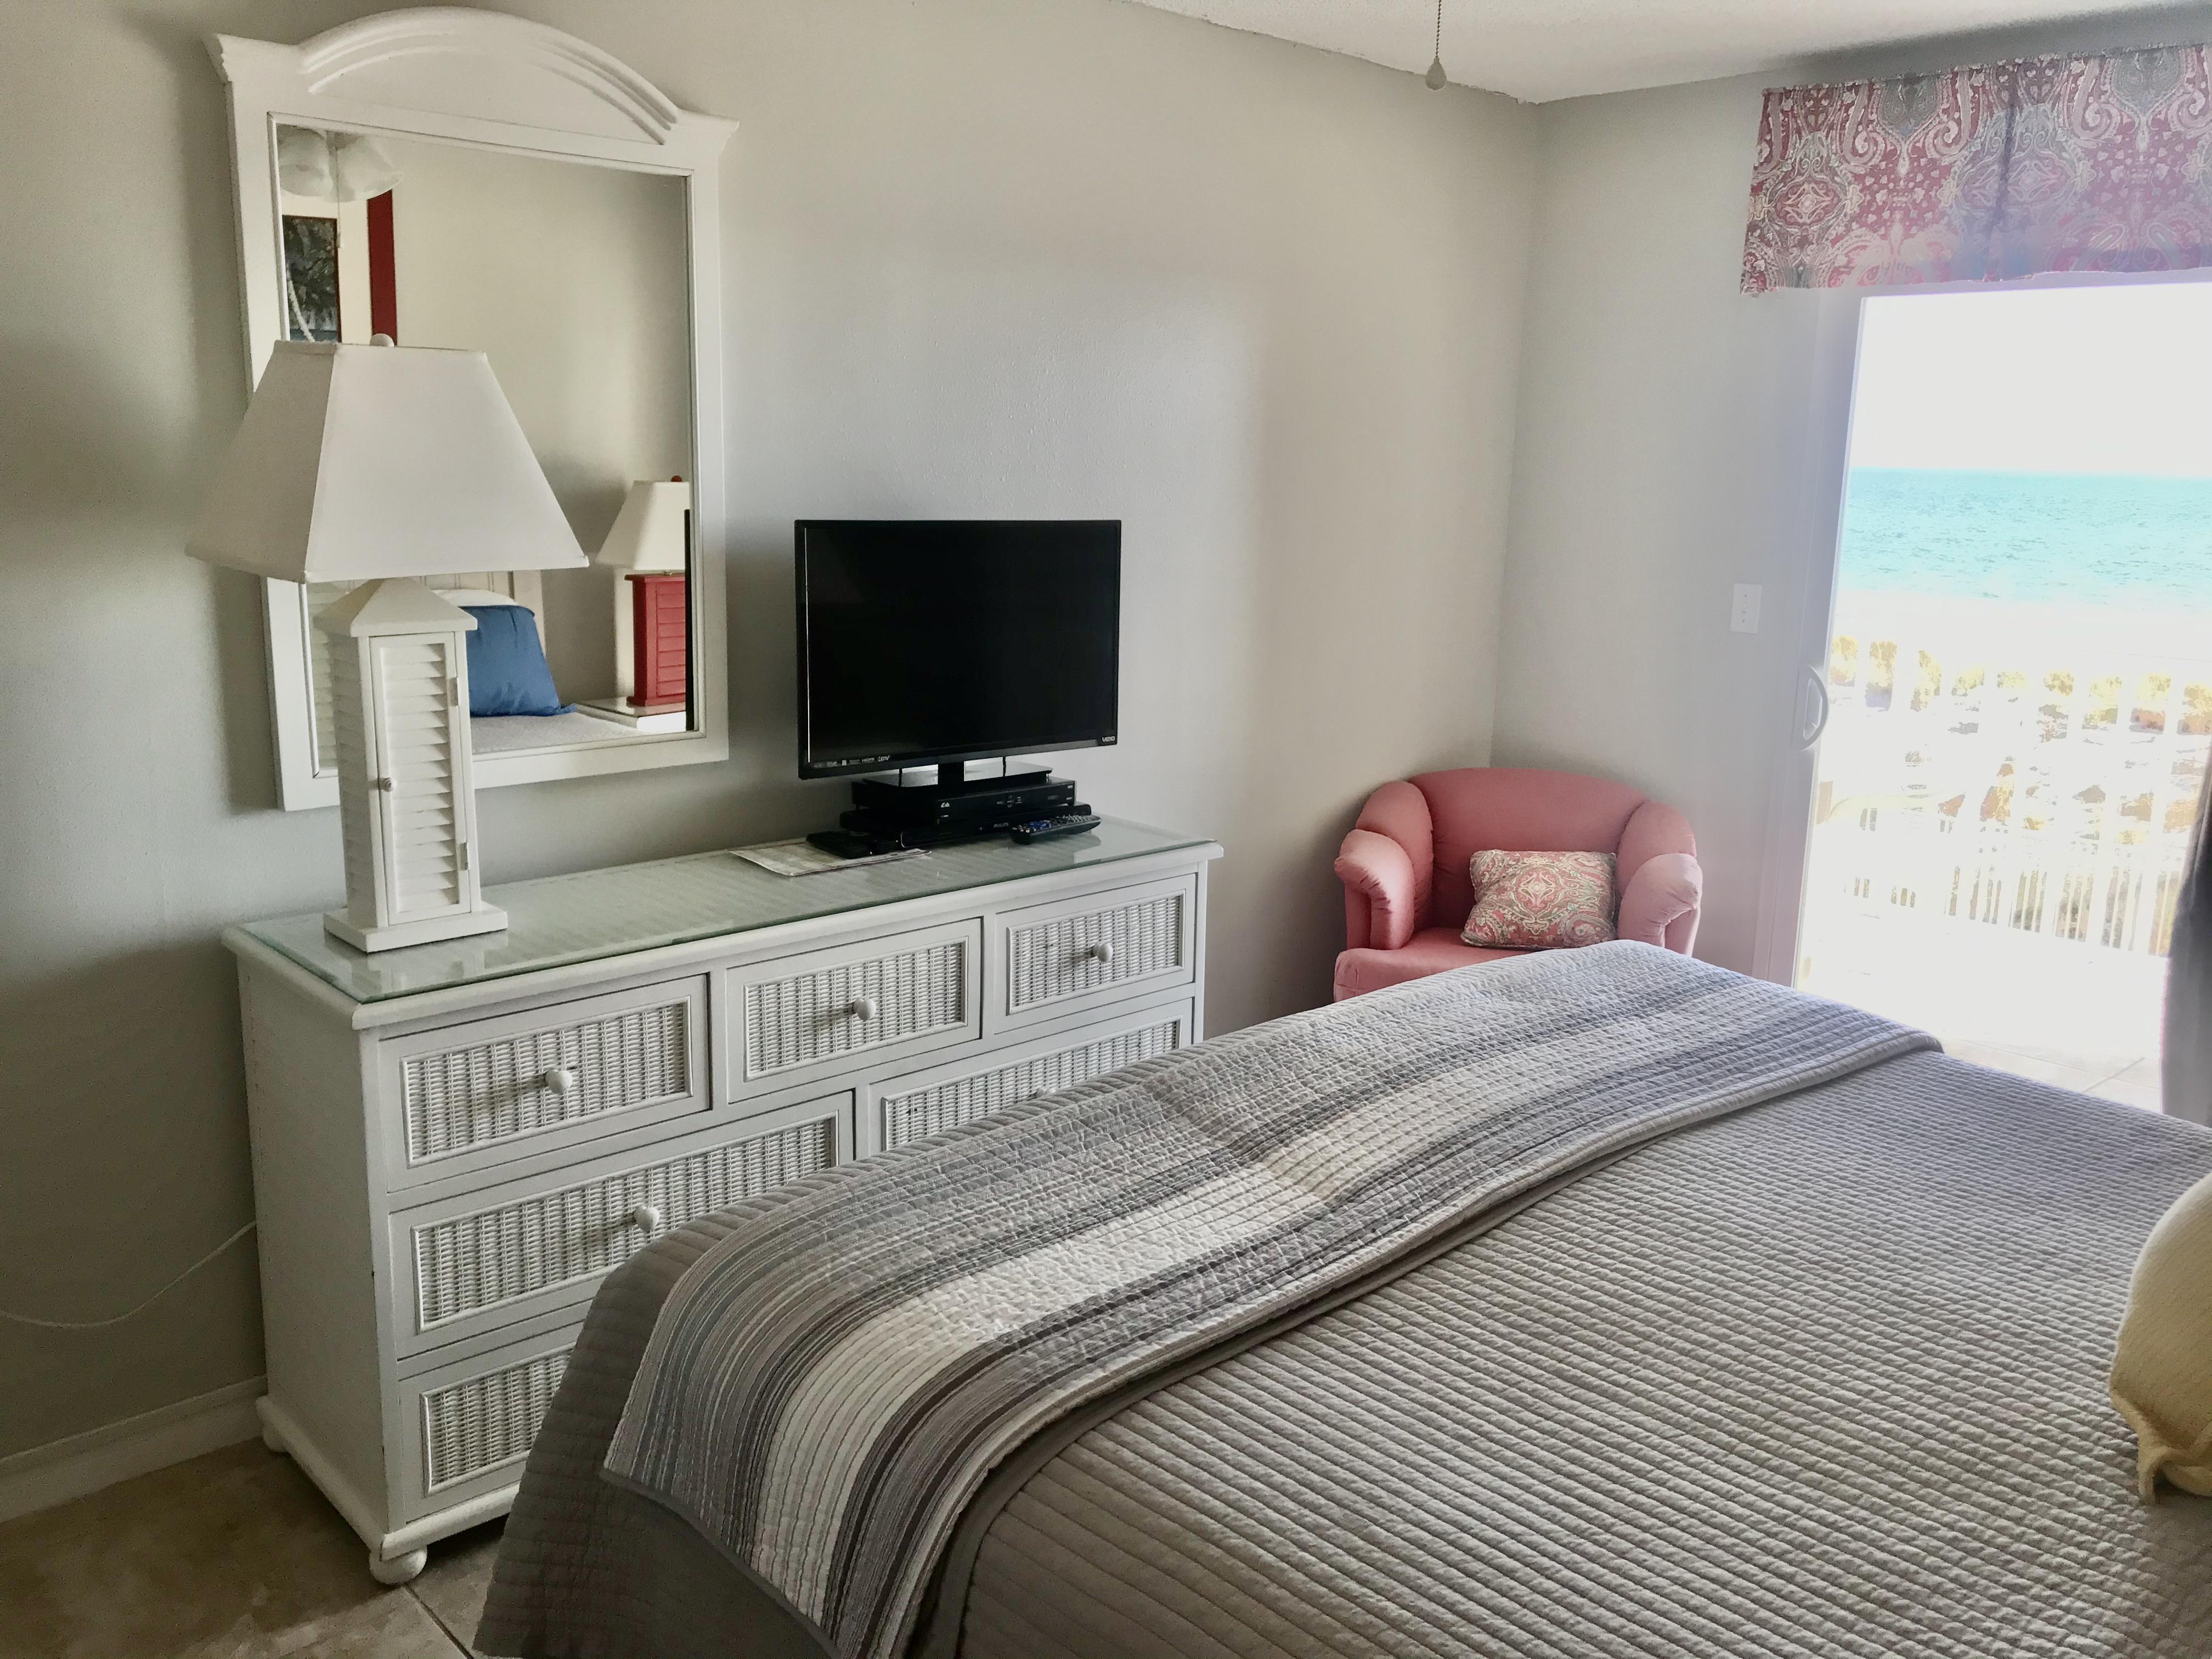 Ocean House 2204 Condo rental in Ocean House - Gulf Shores in Gulf Shores Alabama - #20